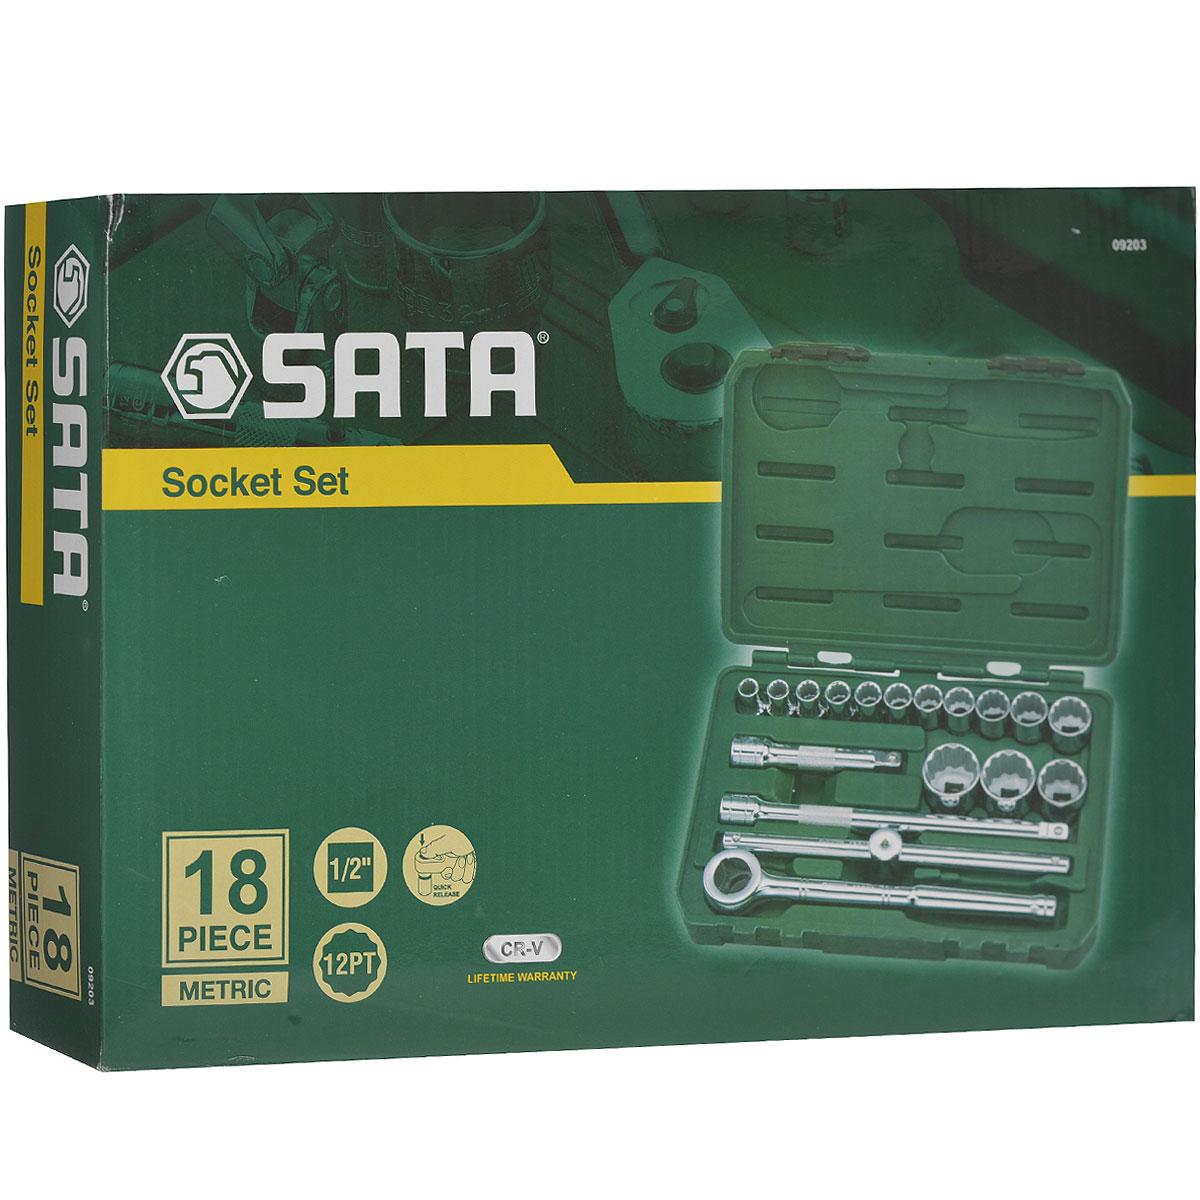 Набор торцевых головок SATA 18пр. 0920309203Набор инструментов Sata - это необходимый предмет в каждом доме. Он включает в себя 18 предметов, и упакован в удобный пластиковый кейс. Такой набор будет идеальным подарком мужчине. Преимуществом любого набора марки SATA является то, что любую его составляющую вы можете приобрести отдельно. Состав набора: головки торцевые 1/2 12 граней: 10 мм, 11 мм, 12 мм, 13 мм, 14 мм, 15 мм, 16 мм, 17 мм, 19 мм, 21 мм, 24 мм, 27 мм, 30 мм, 32 мм; ключ трещоточный дисковый 1/2; удлинители 1/2: 125 мм, 250 мм; вороток скользящий 1/2.